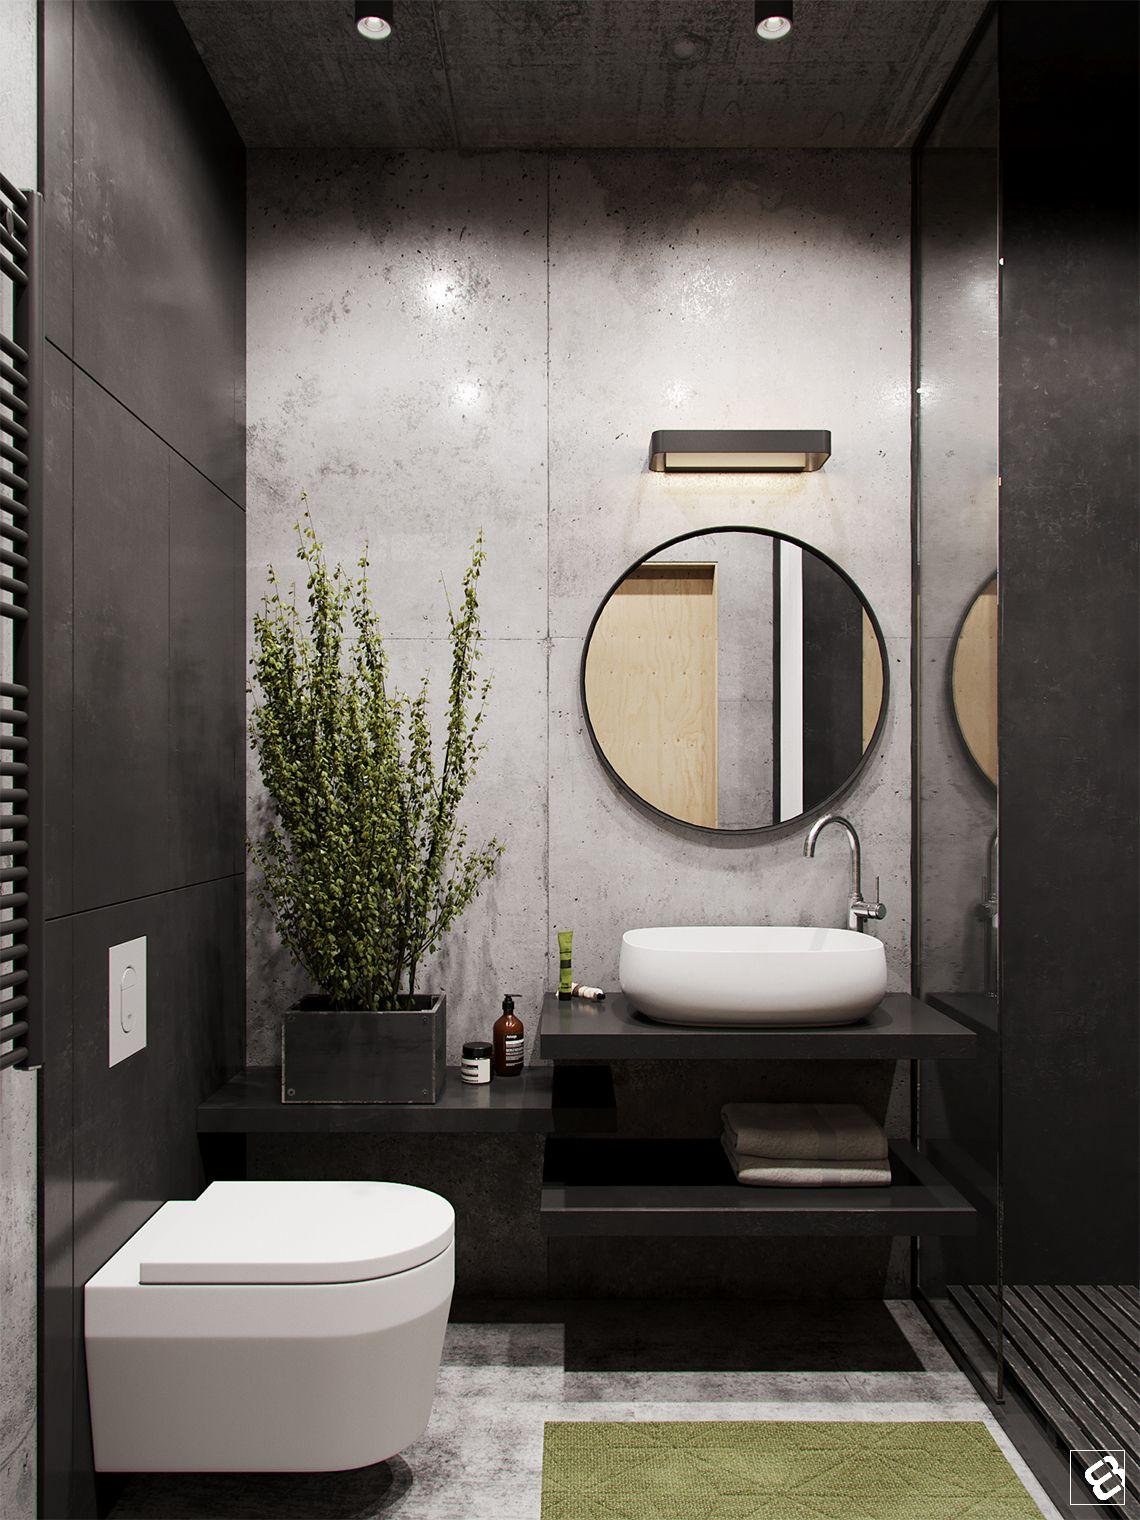 Lavabo com porcelanato preto e cinza